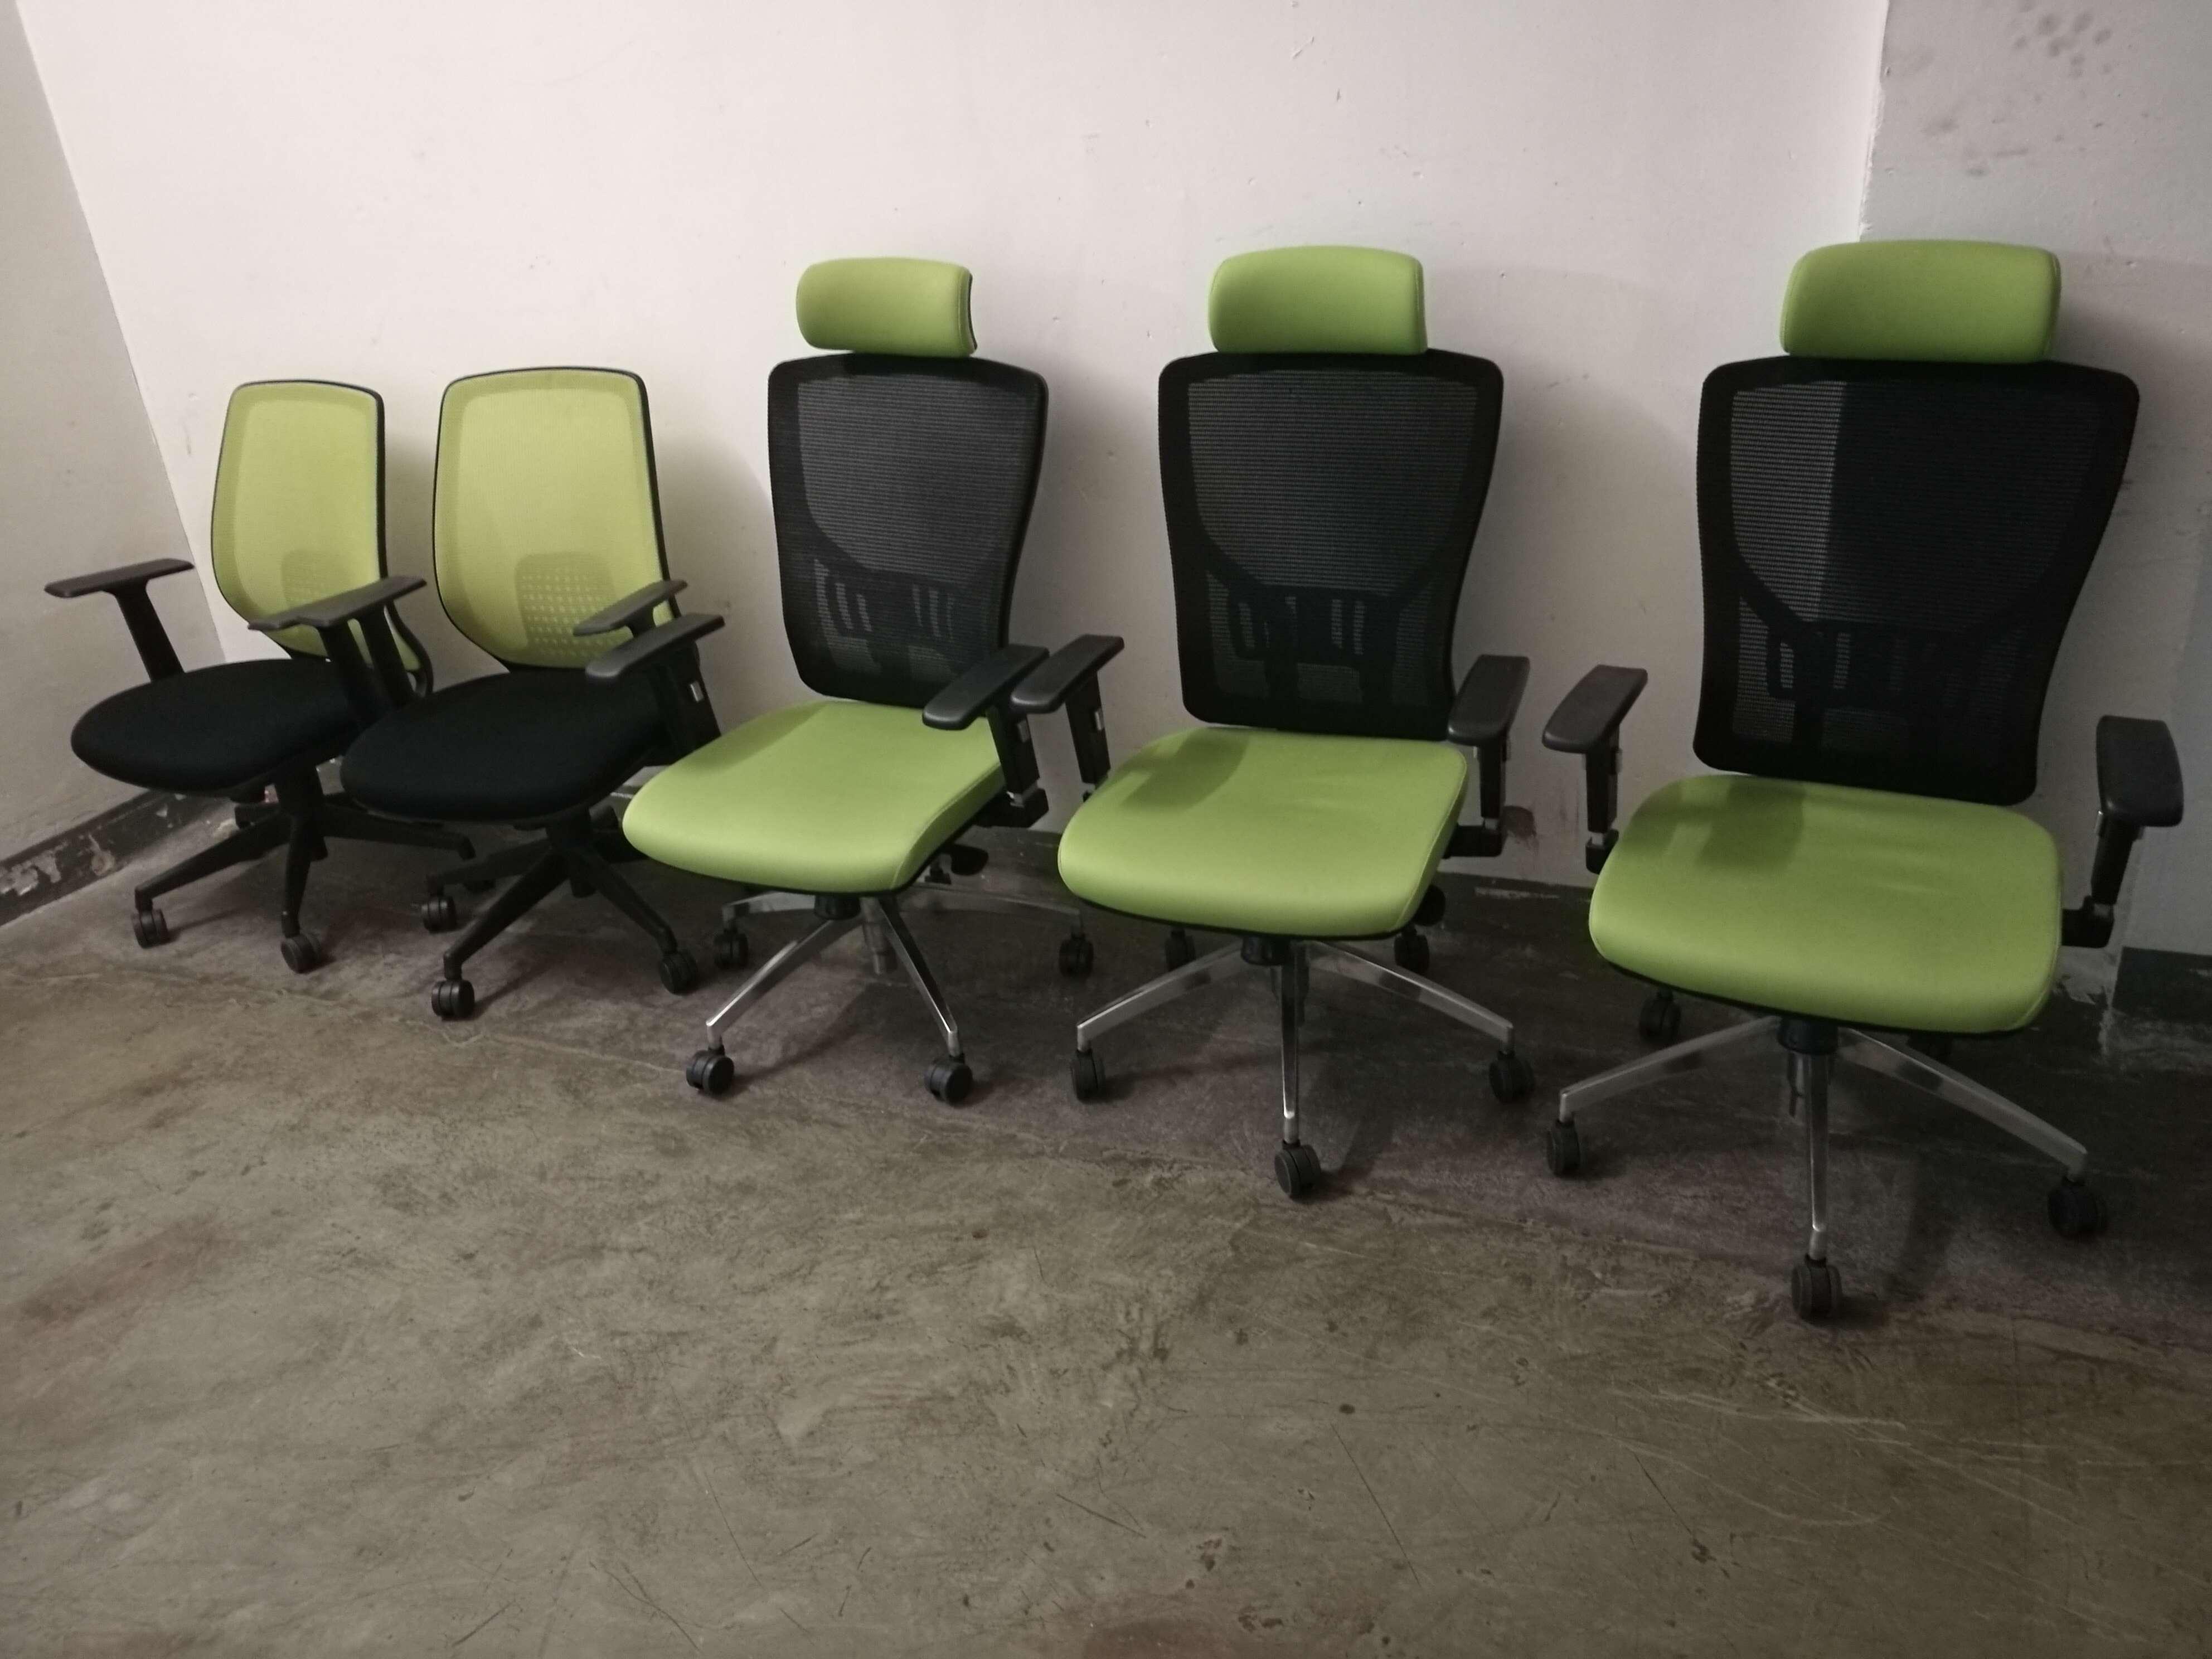 9成新员工椅-绿色系